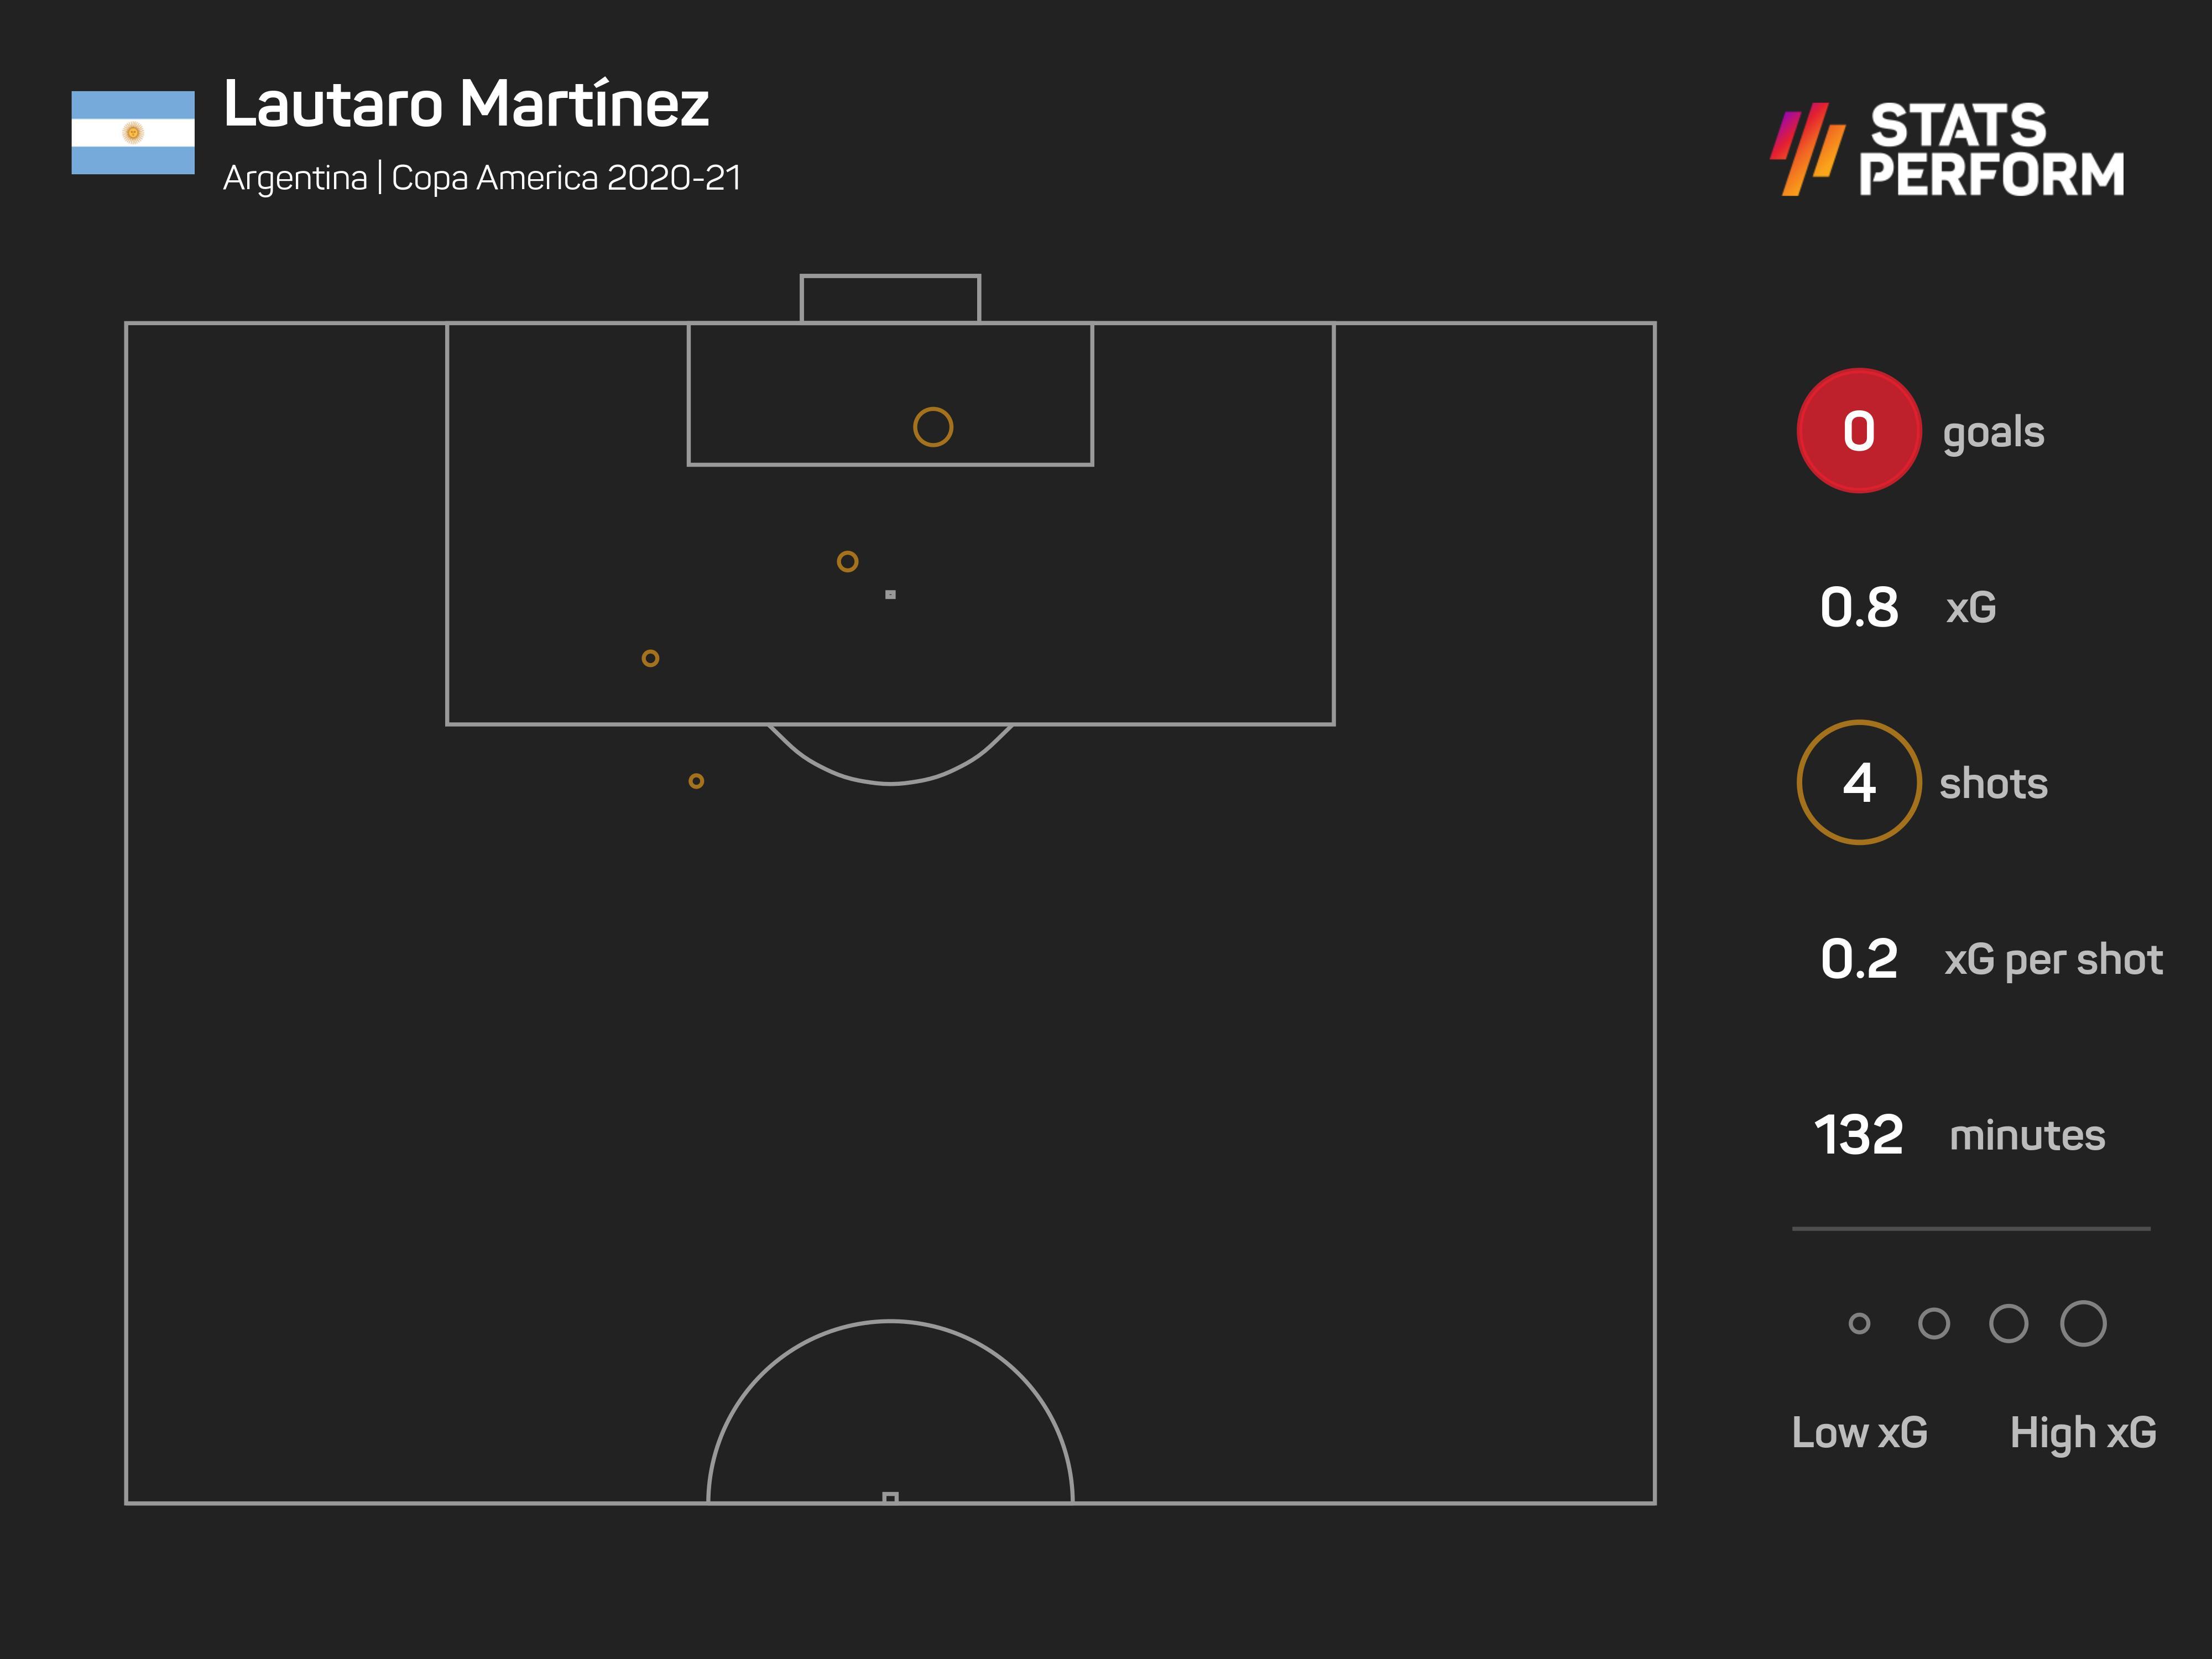 Lautaro Martinez so far at the Copa America